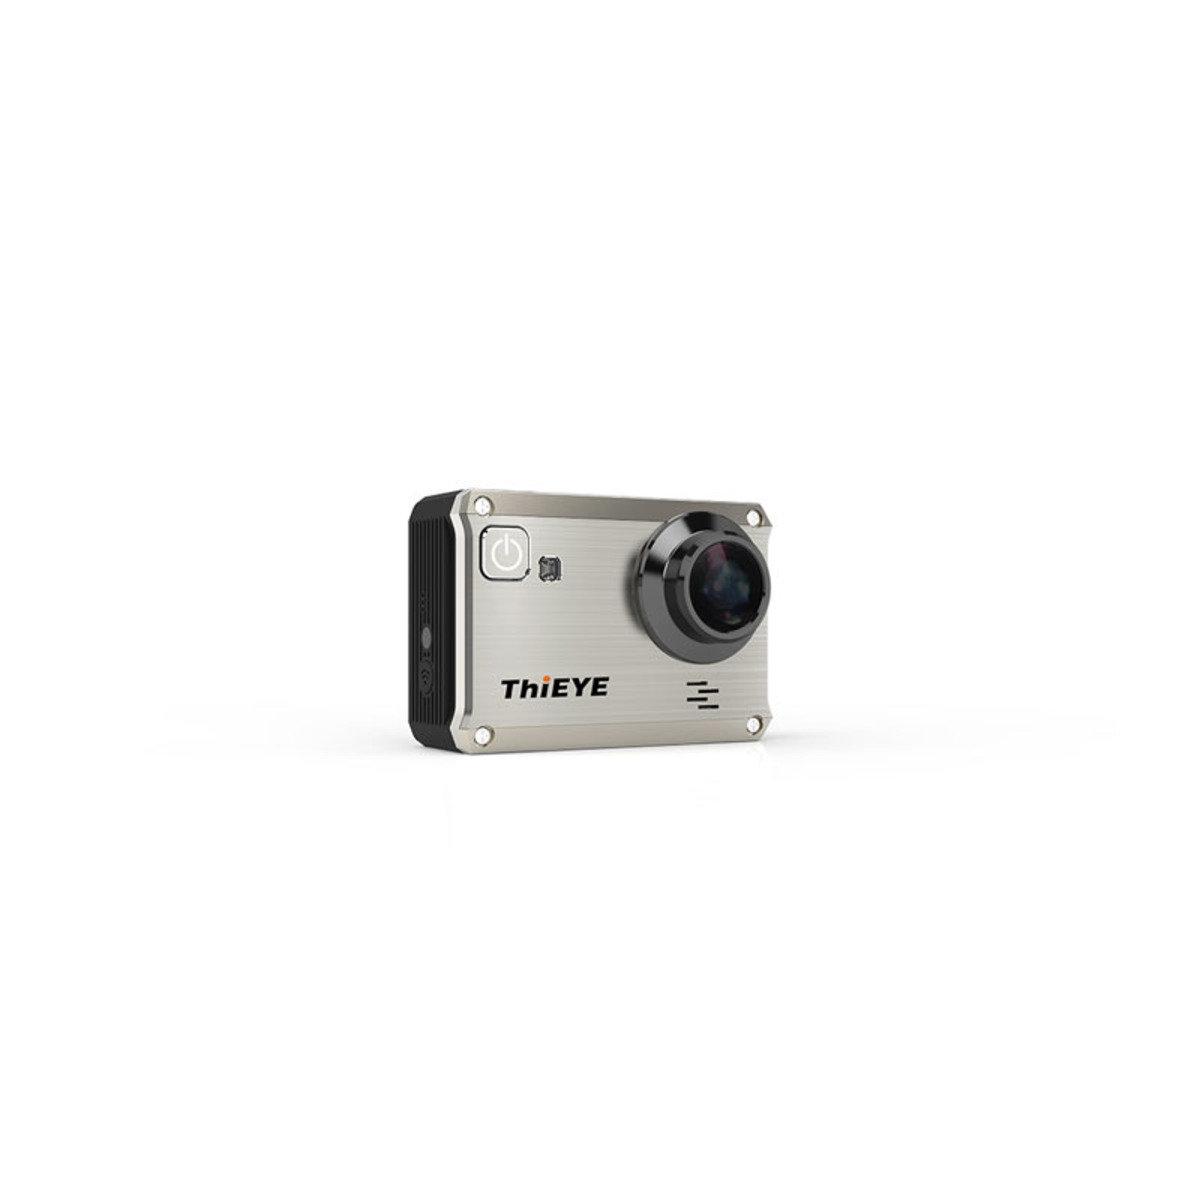 全高清1200萬像1080p WiFi 極限運動攝影機 i30 銀色